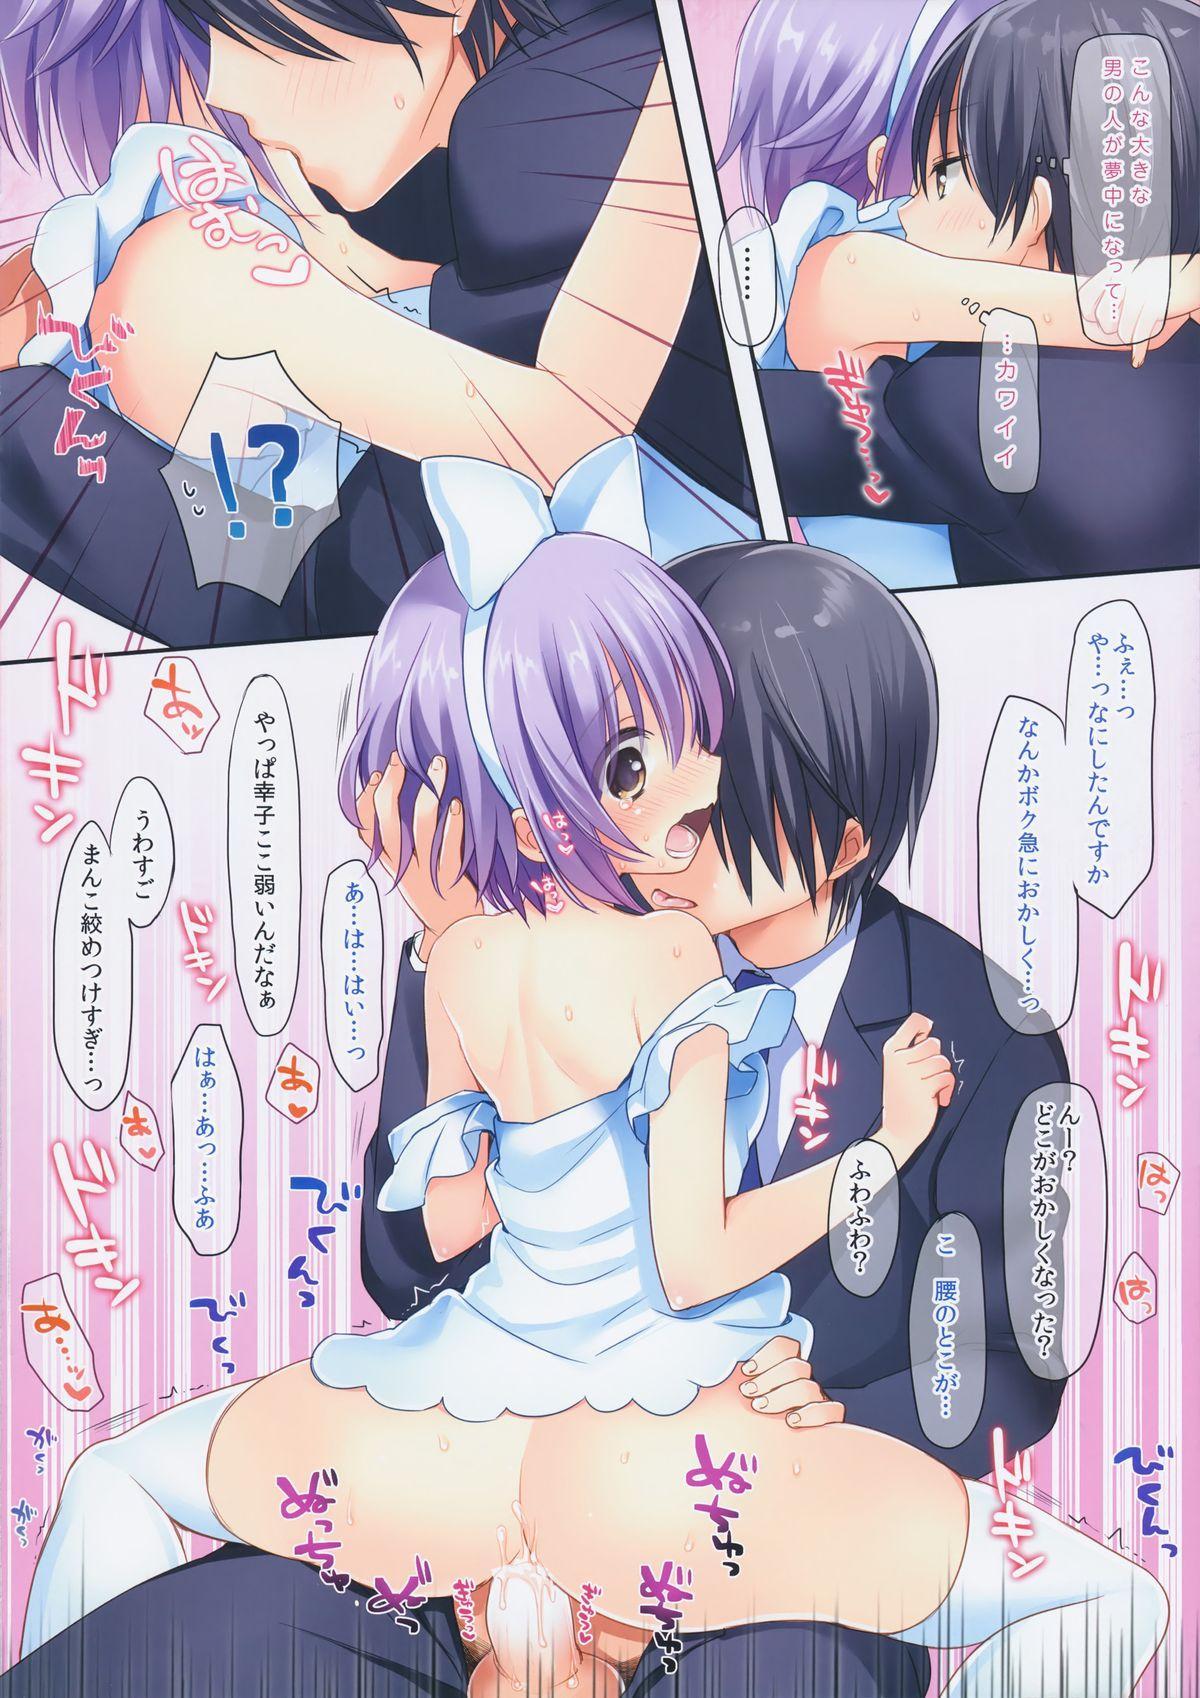 Itsu datte Boku ga Ichiban desu! 11